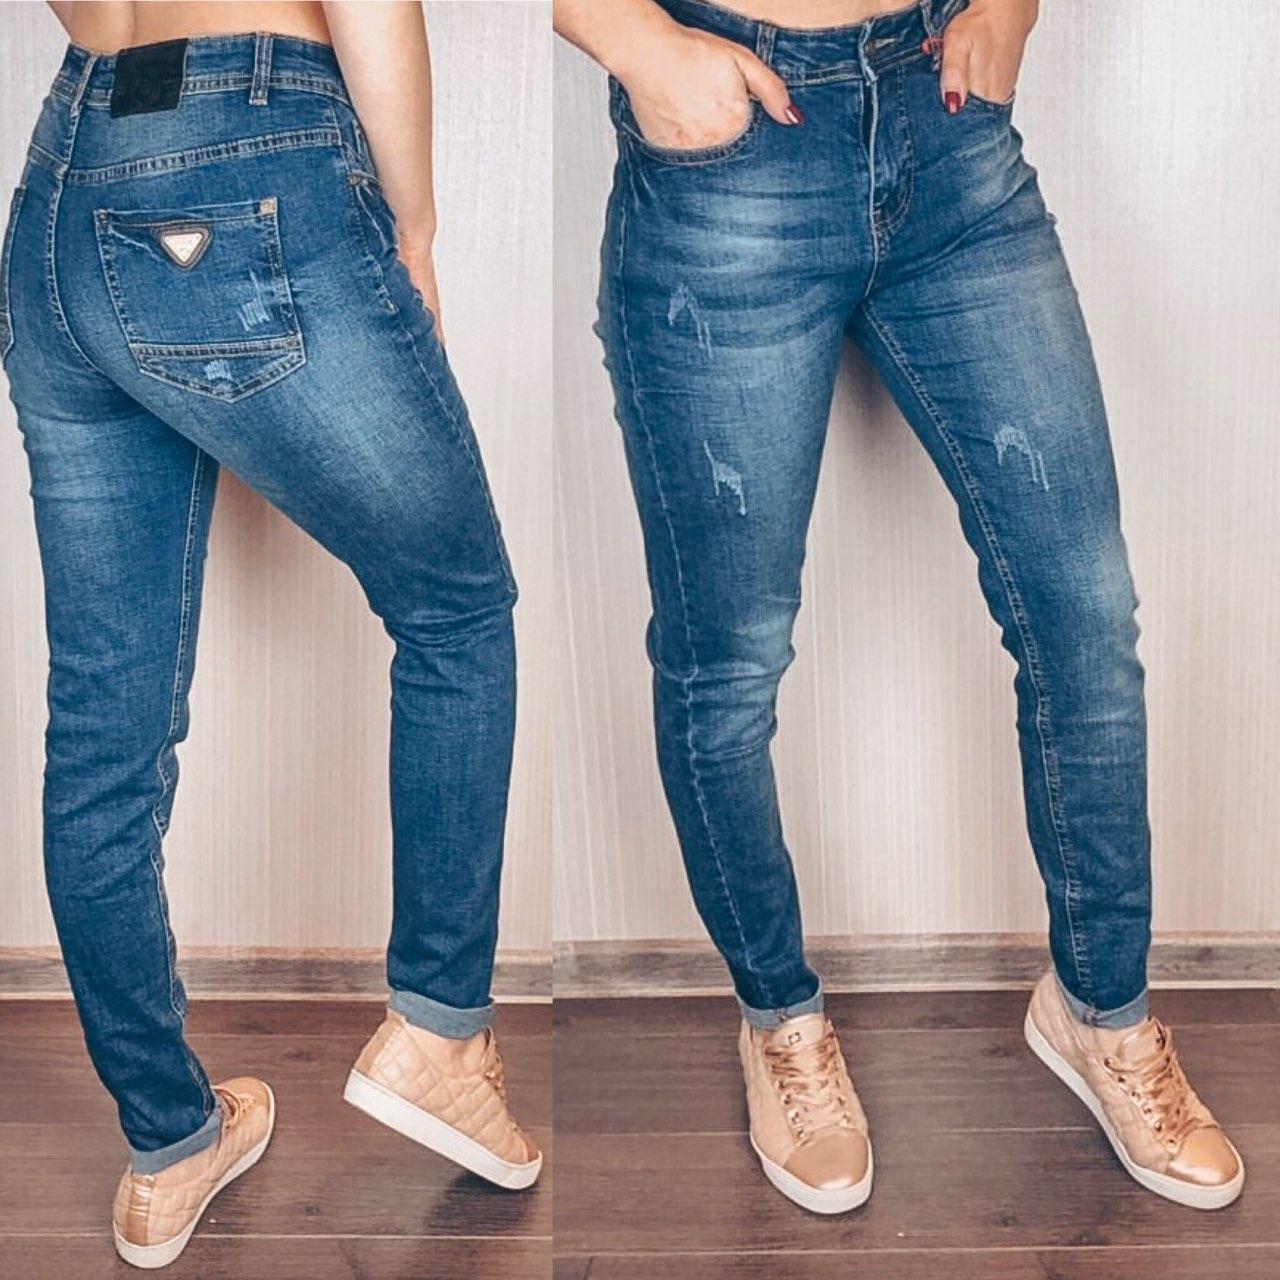 c2a8c2f8925 Женские джинсы Американки с потертостями - купить по лучшей цене в ...